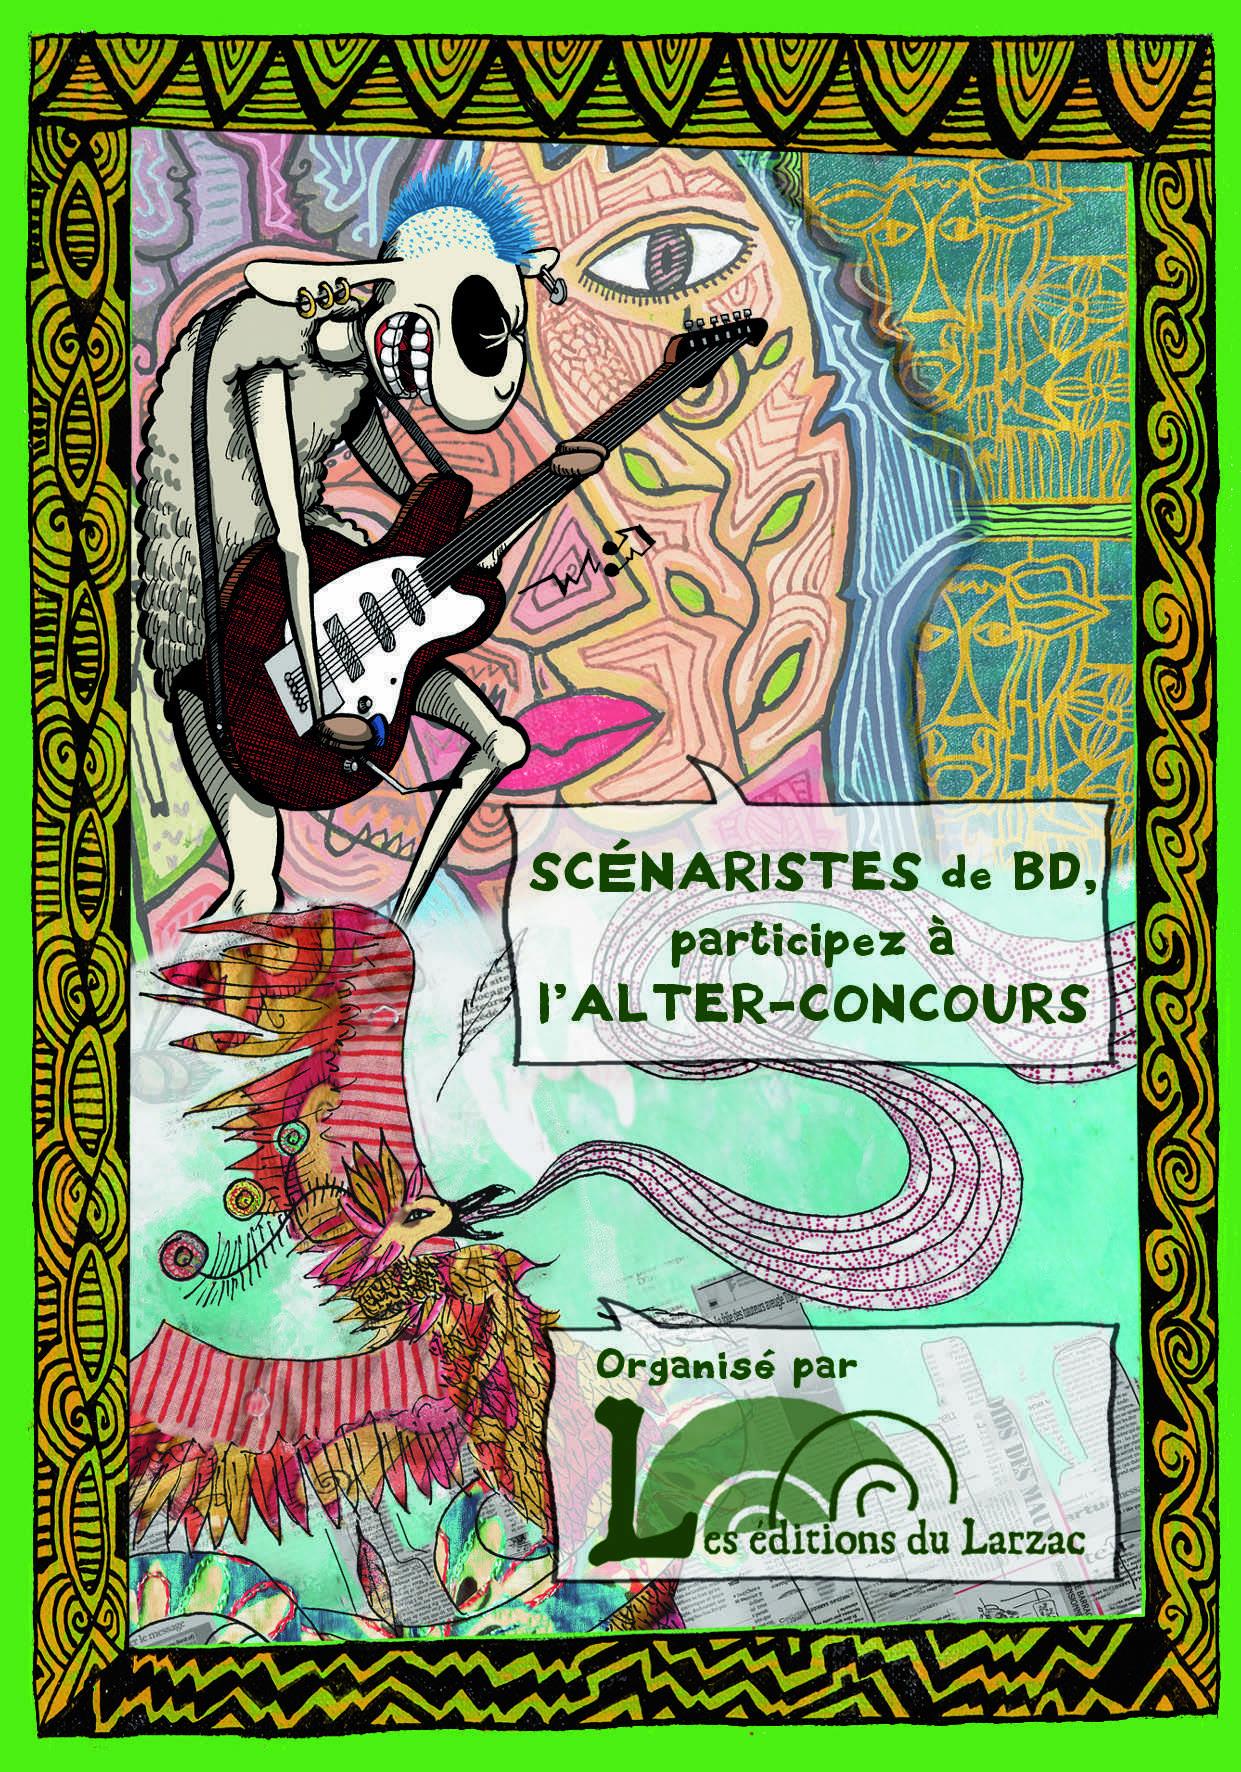 Les Éditions du Larzac organisent un alter-concours de scénario